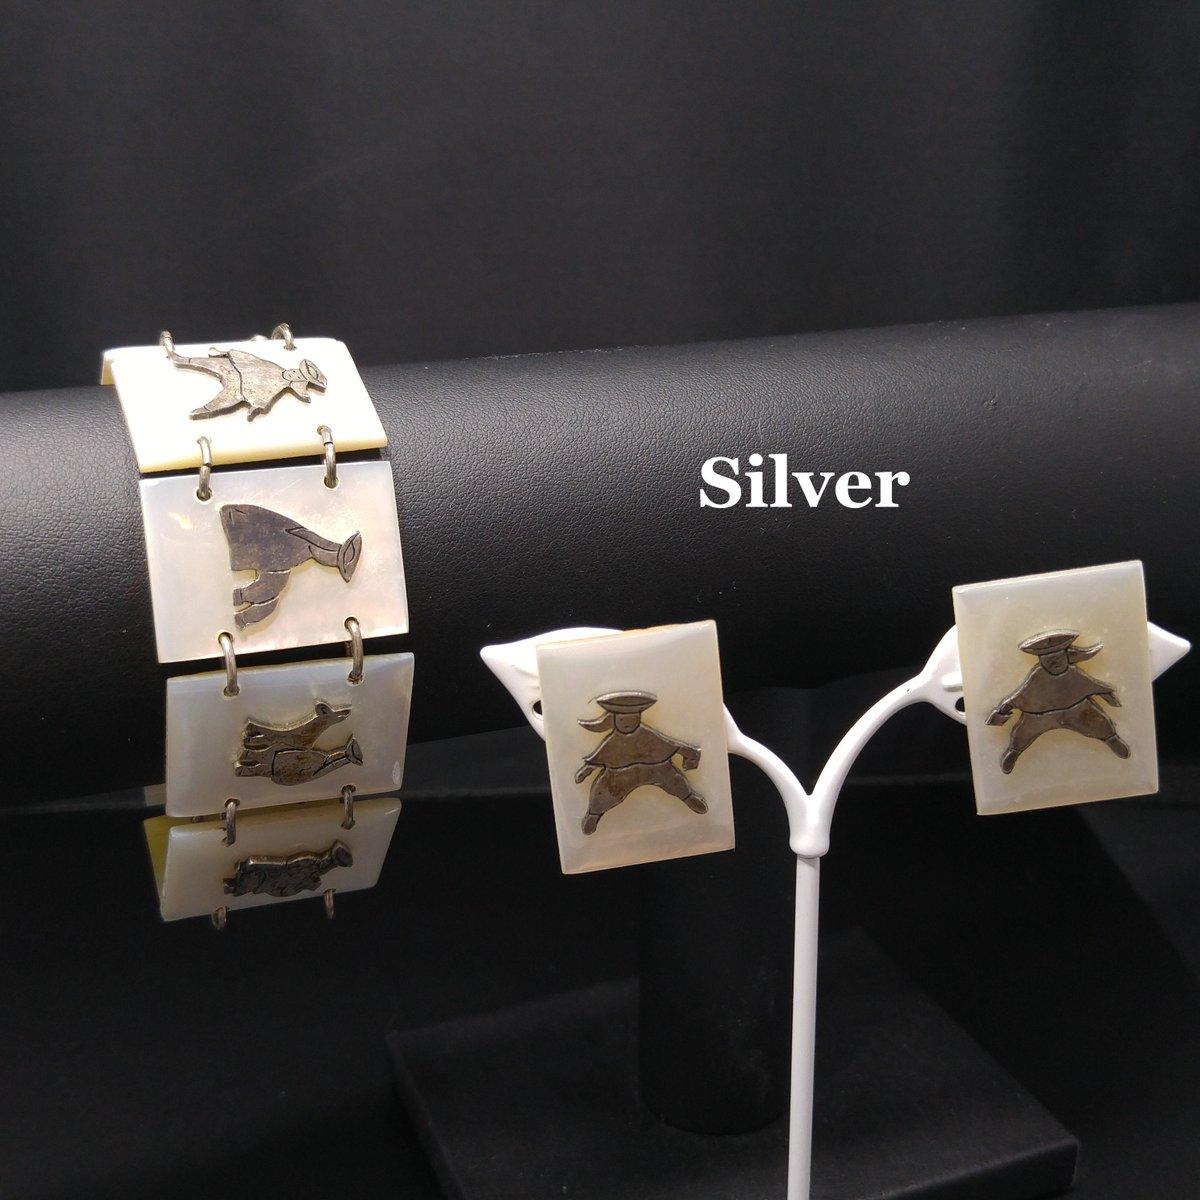 #etsy shop: Mother of Pearl Asian Links Bracelet & Screw Back Earrings, Sterling, 1940s Vintage Jewelry  #white #people #silver #bracelet #women #midcentury #motherofpearl #sterlingsilver #linkbracelet